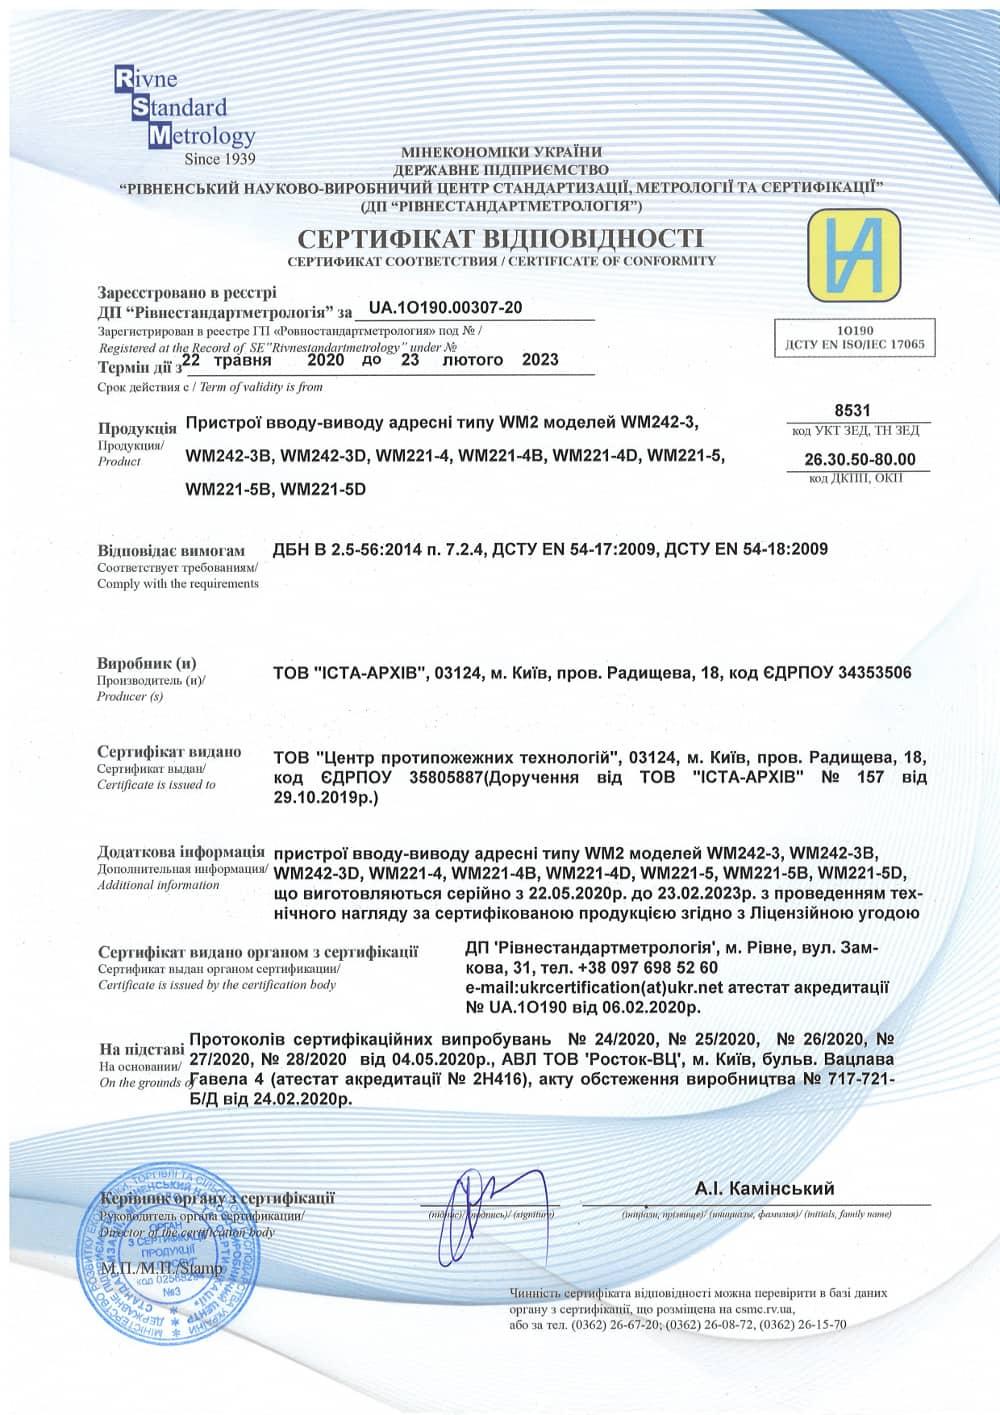 Сертифікат на пристрої вв WM242-3, WM221-4, WM221-5